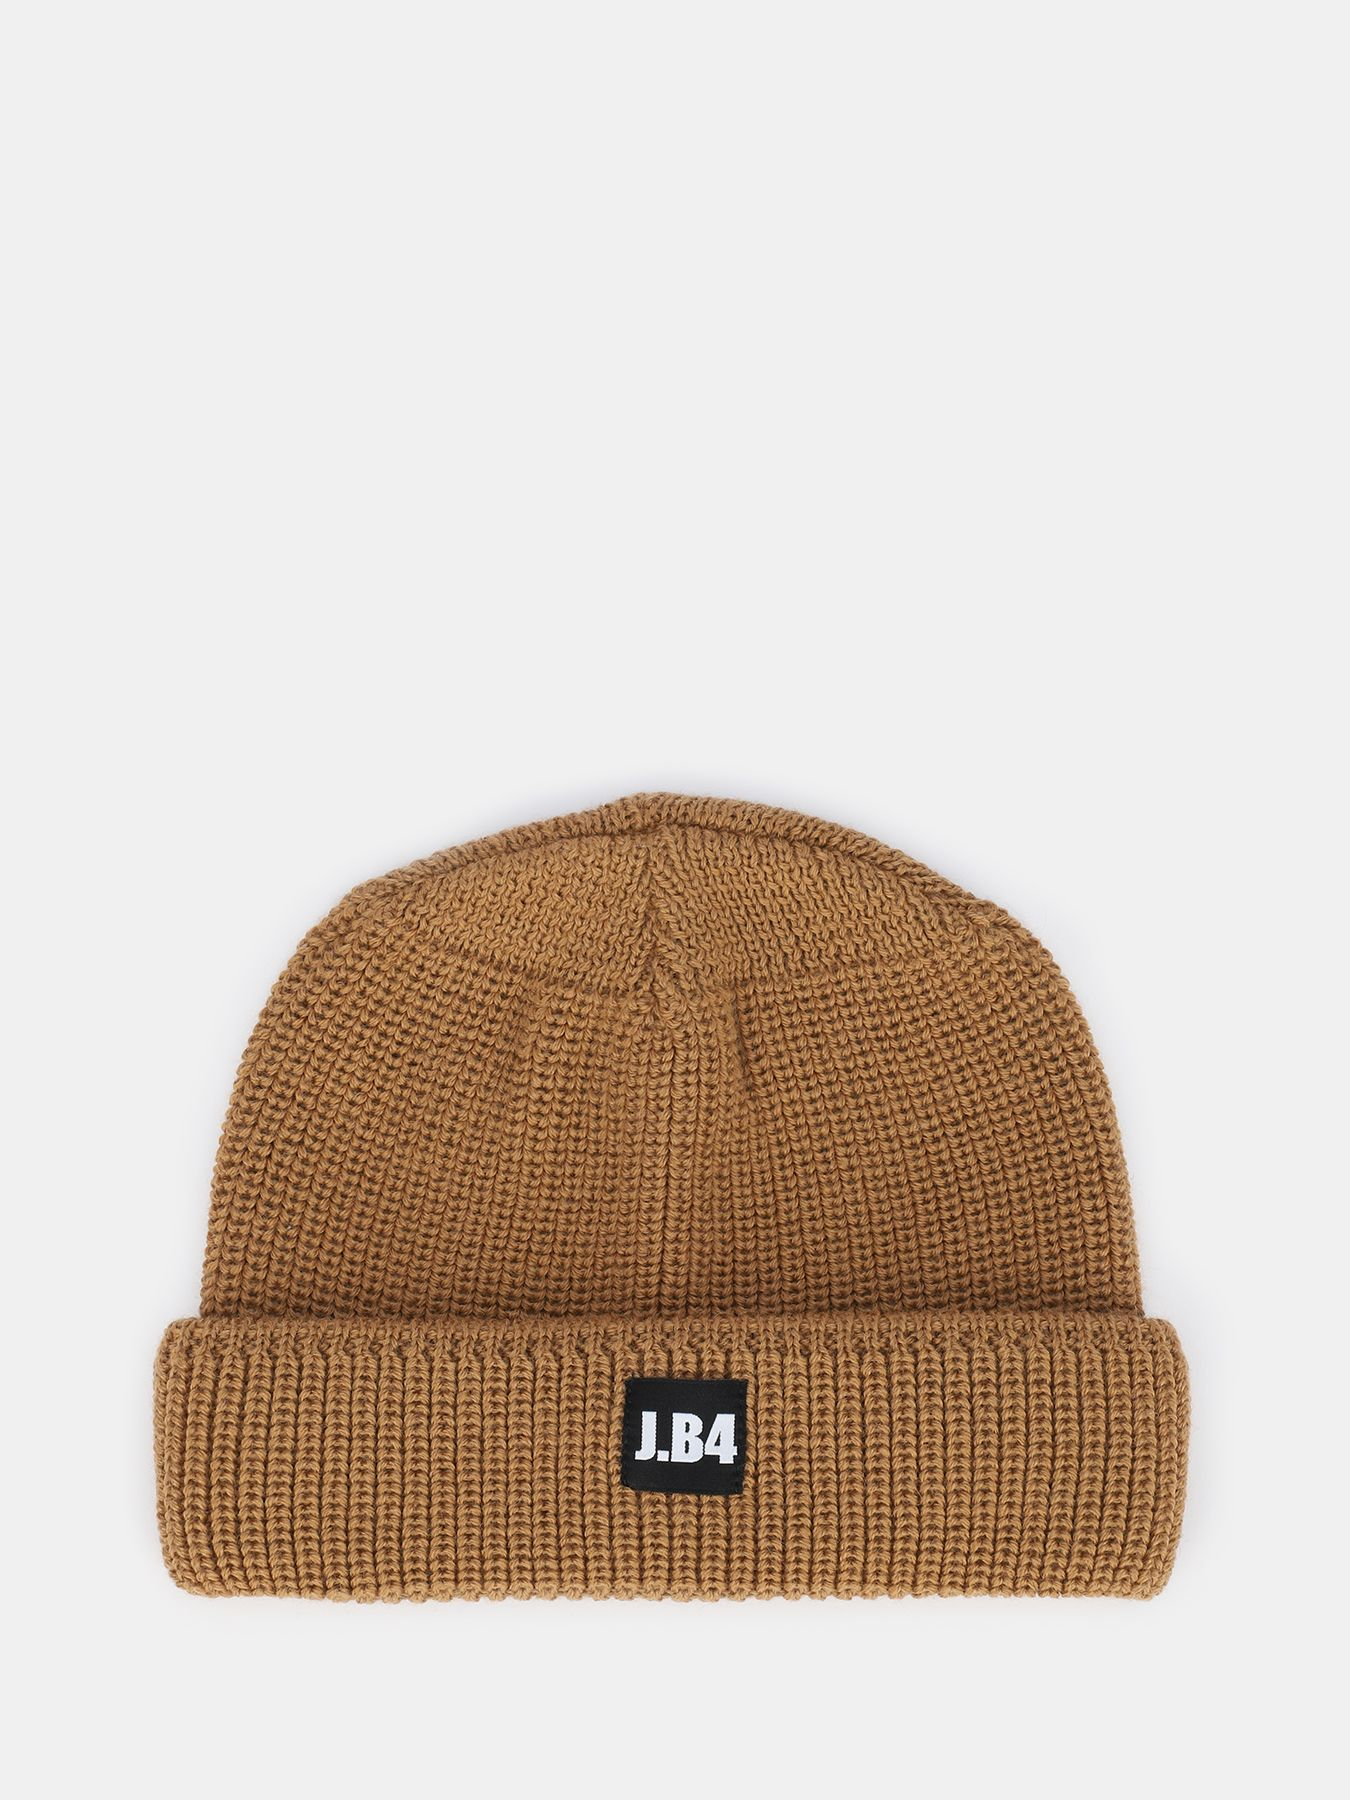 J.B4 Шапка шапка ferz ferz fe913cwcllz3